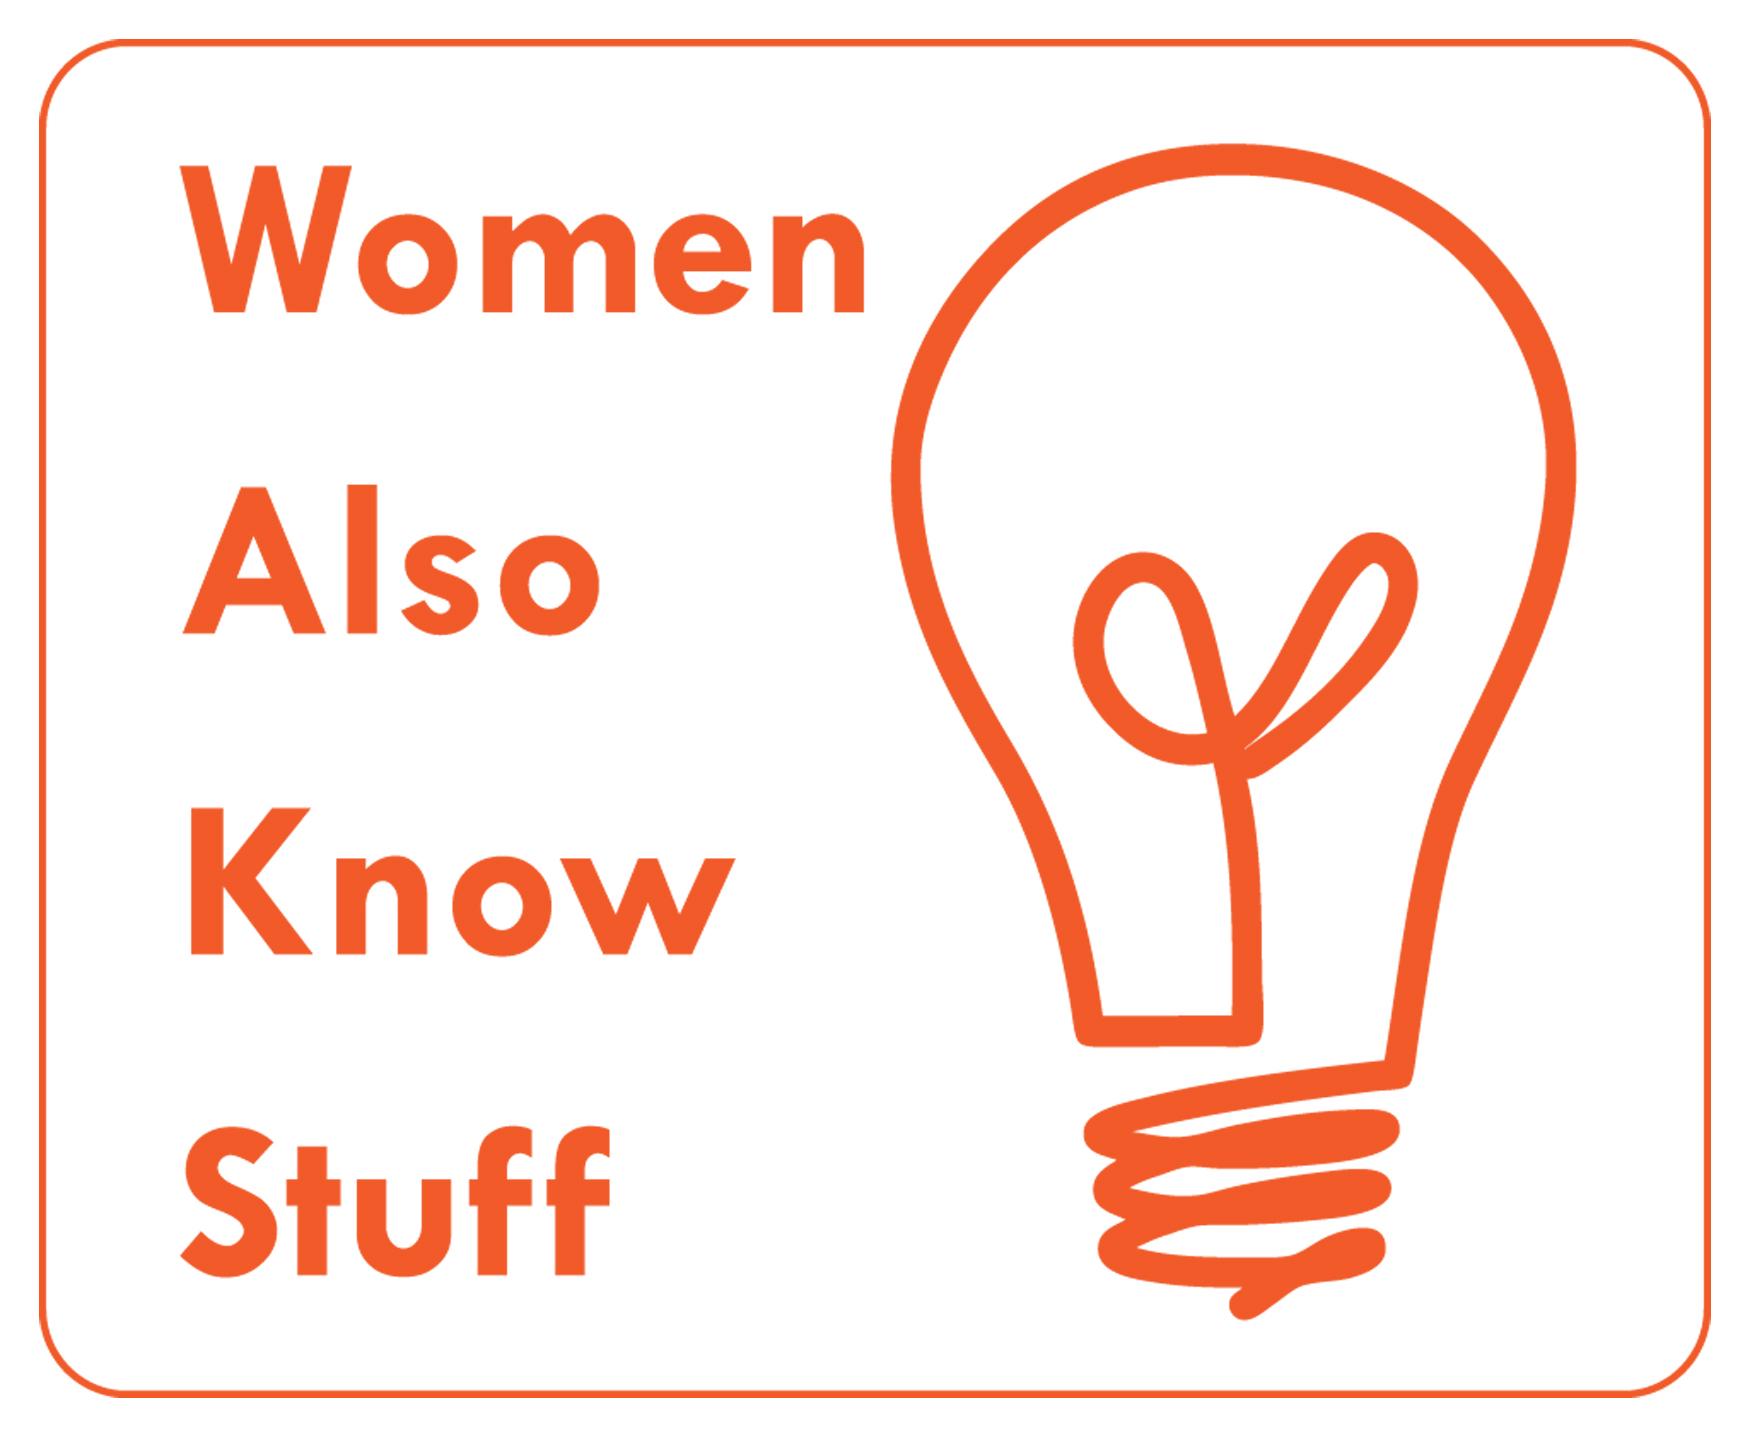 Women Also Know Stuff